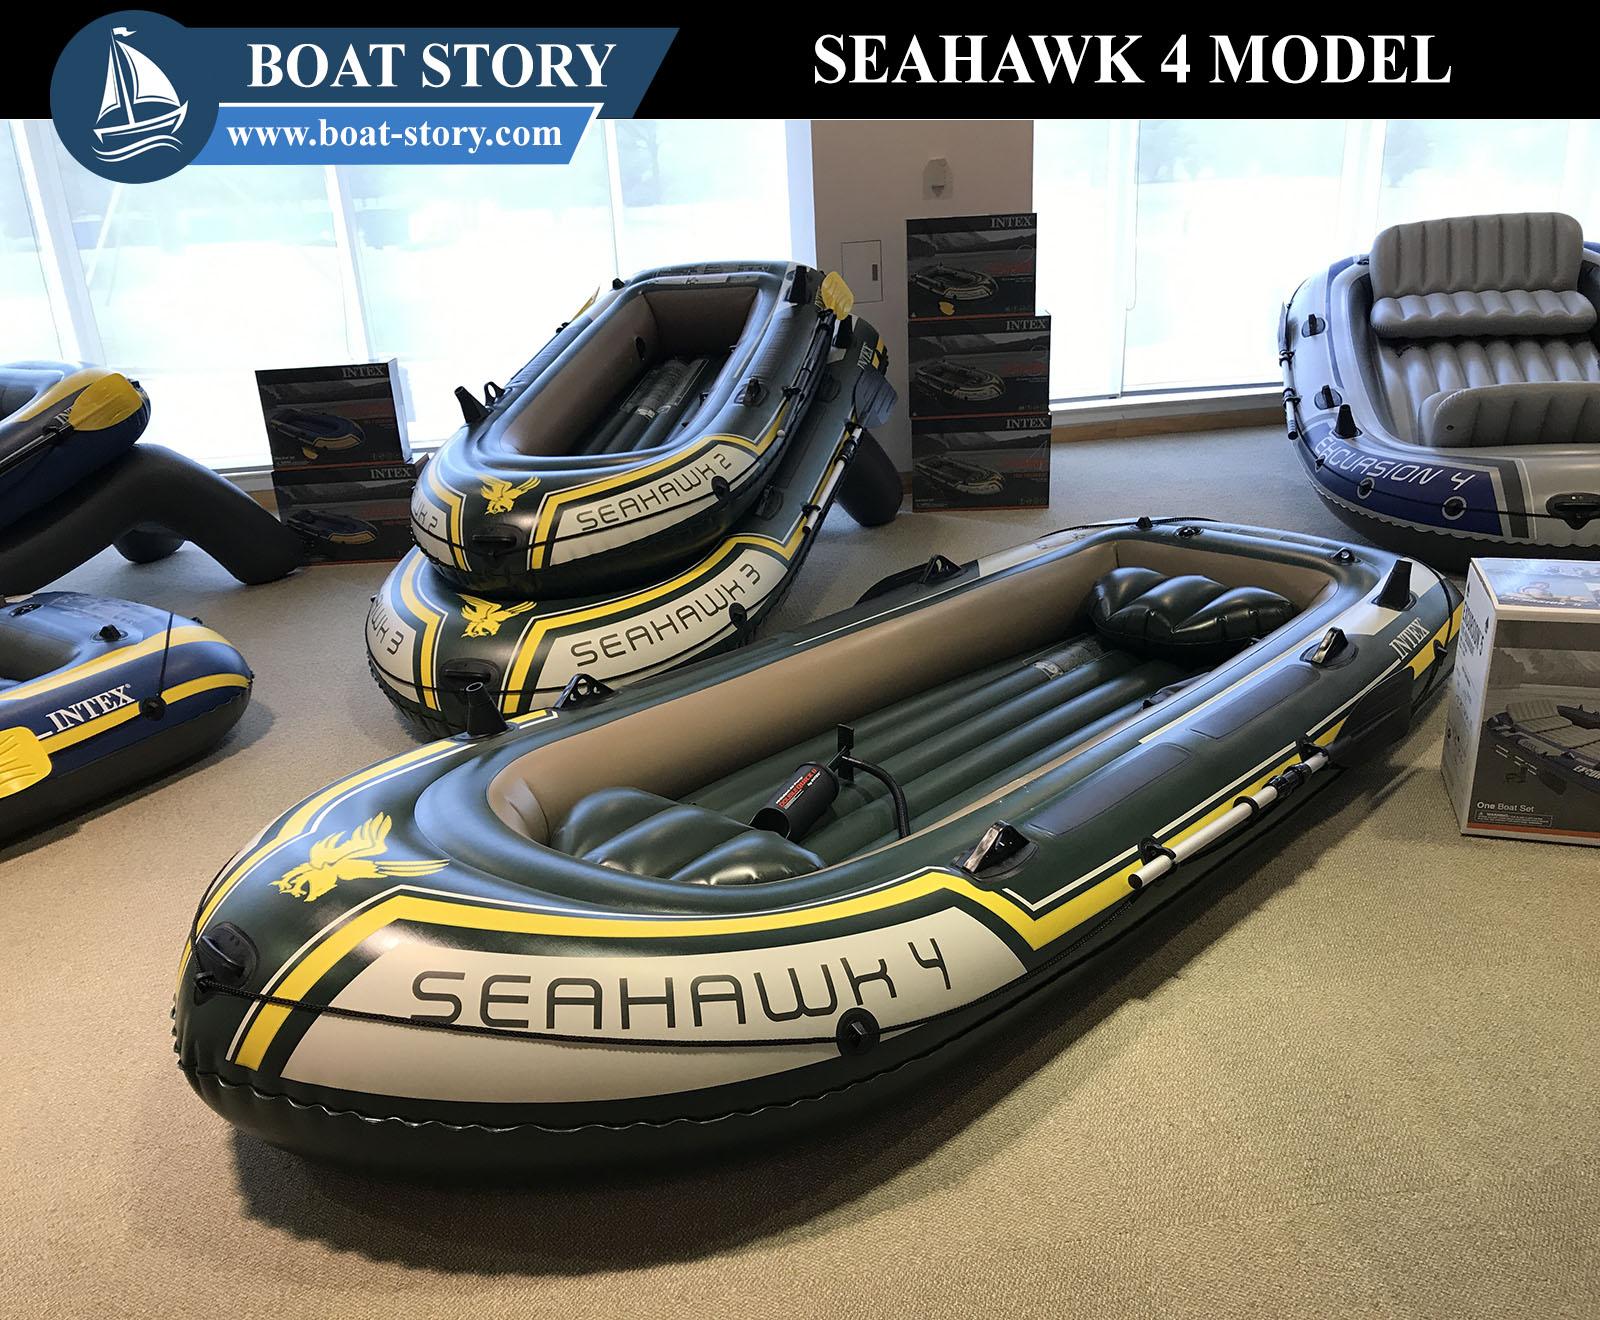 เรือยาง intex seahawk 4